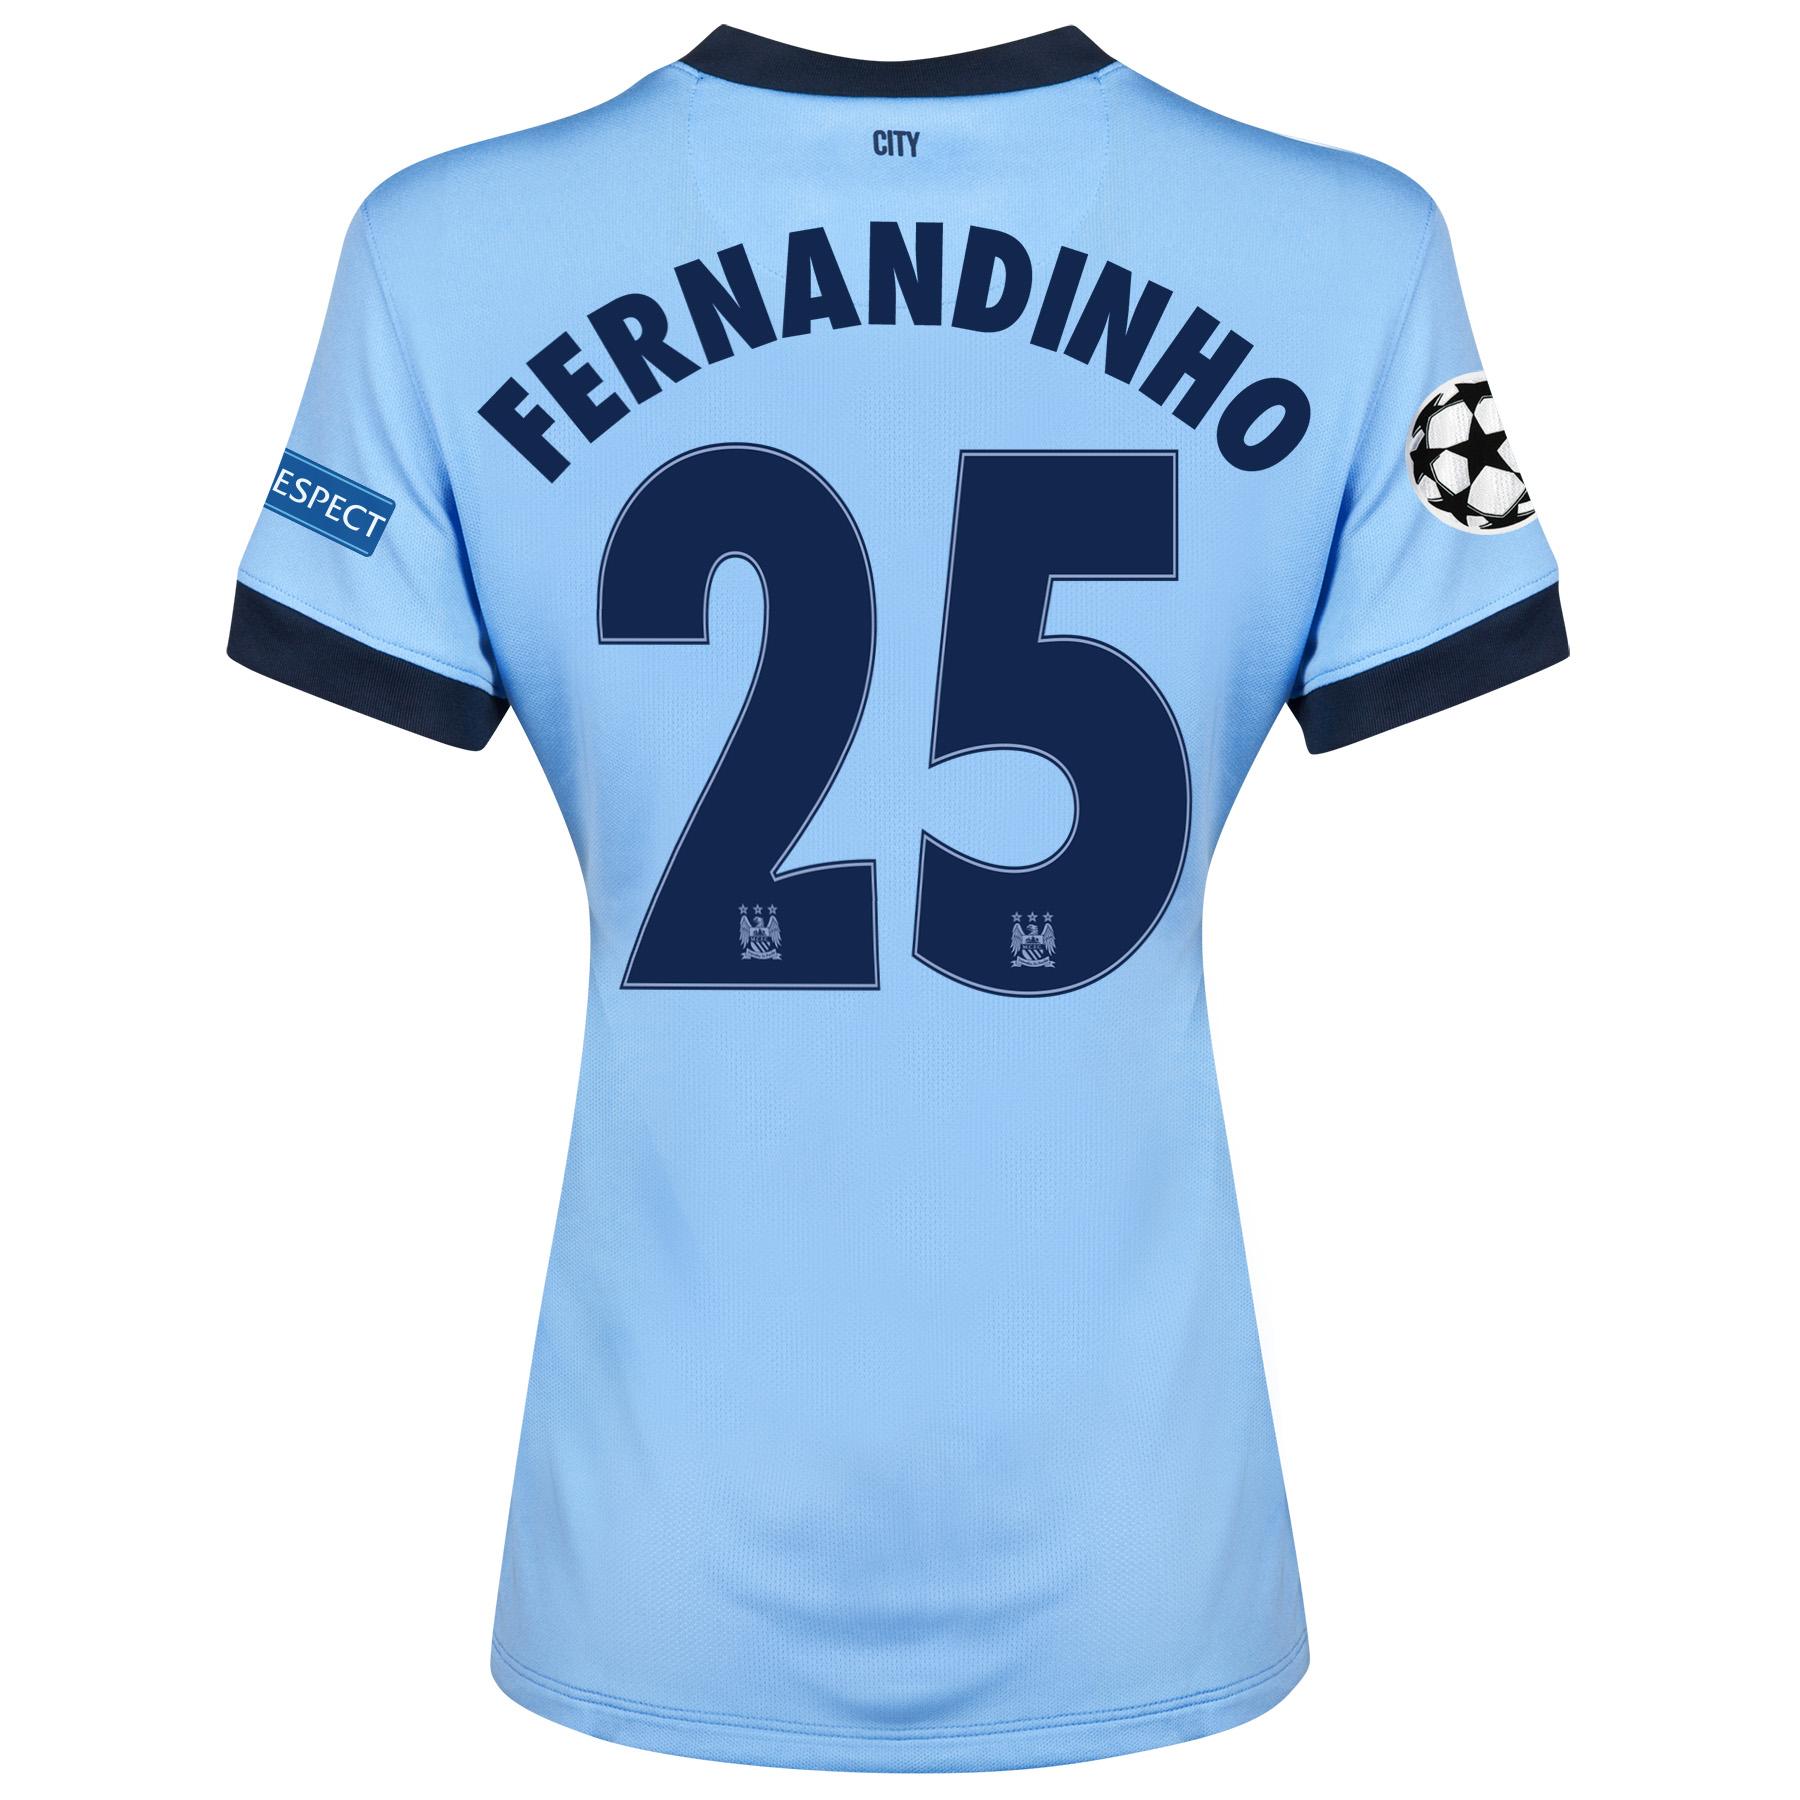 Manchester City UEFA Champions League Home Shirt 2014/15 - Womens Sky Blue with Fernandinho 25 printing